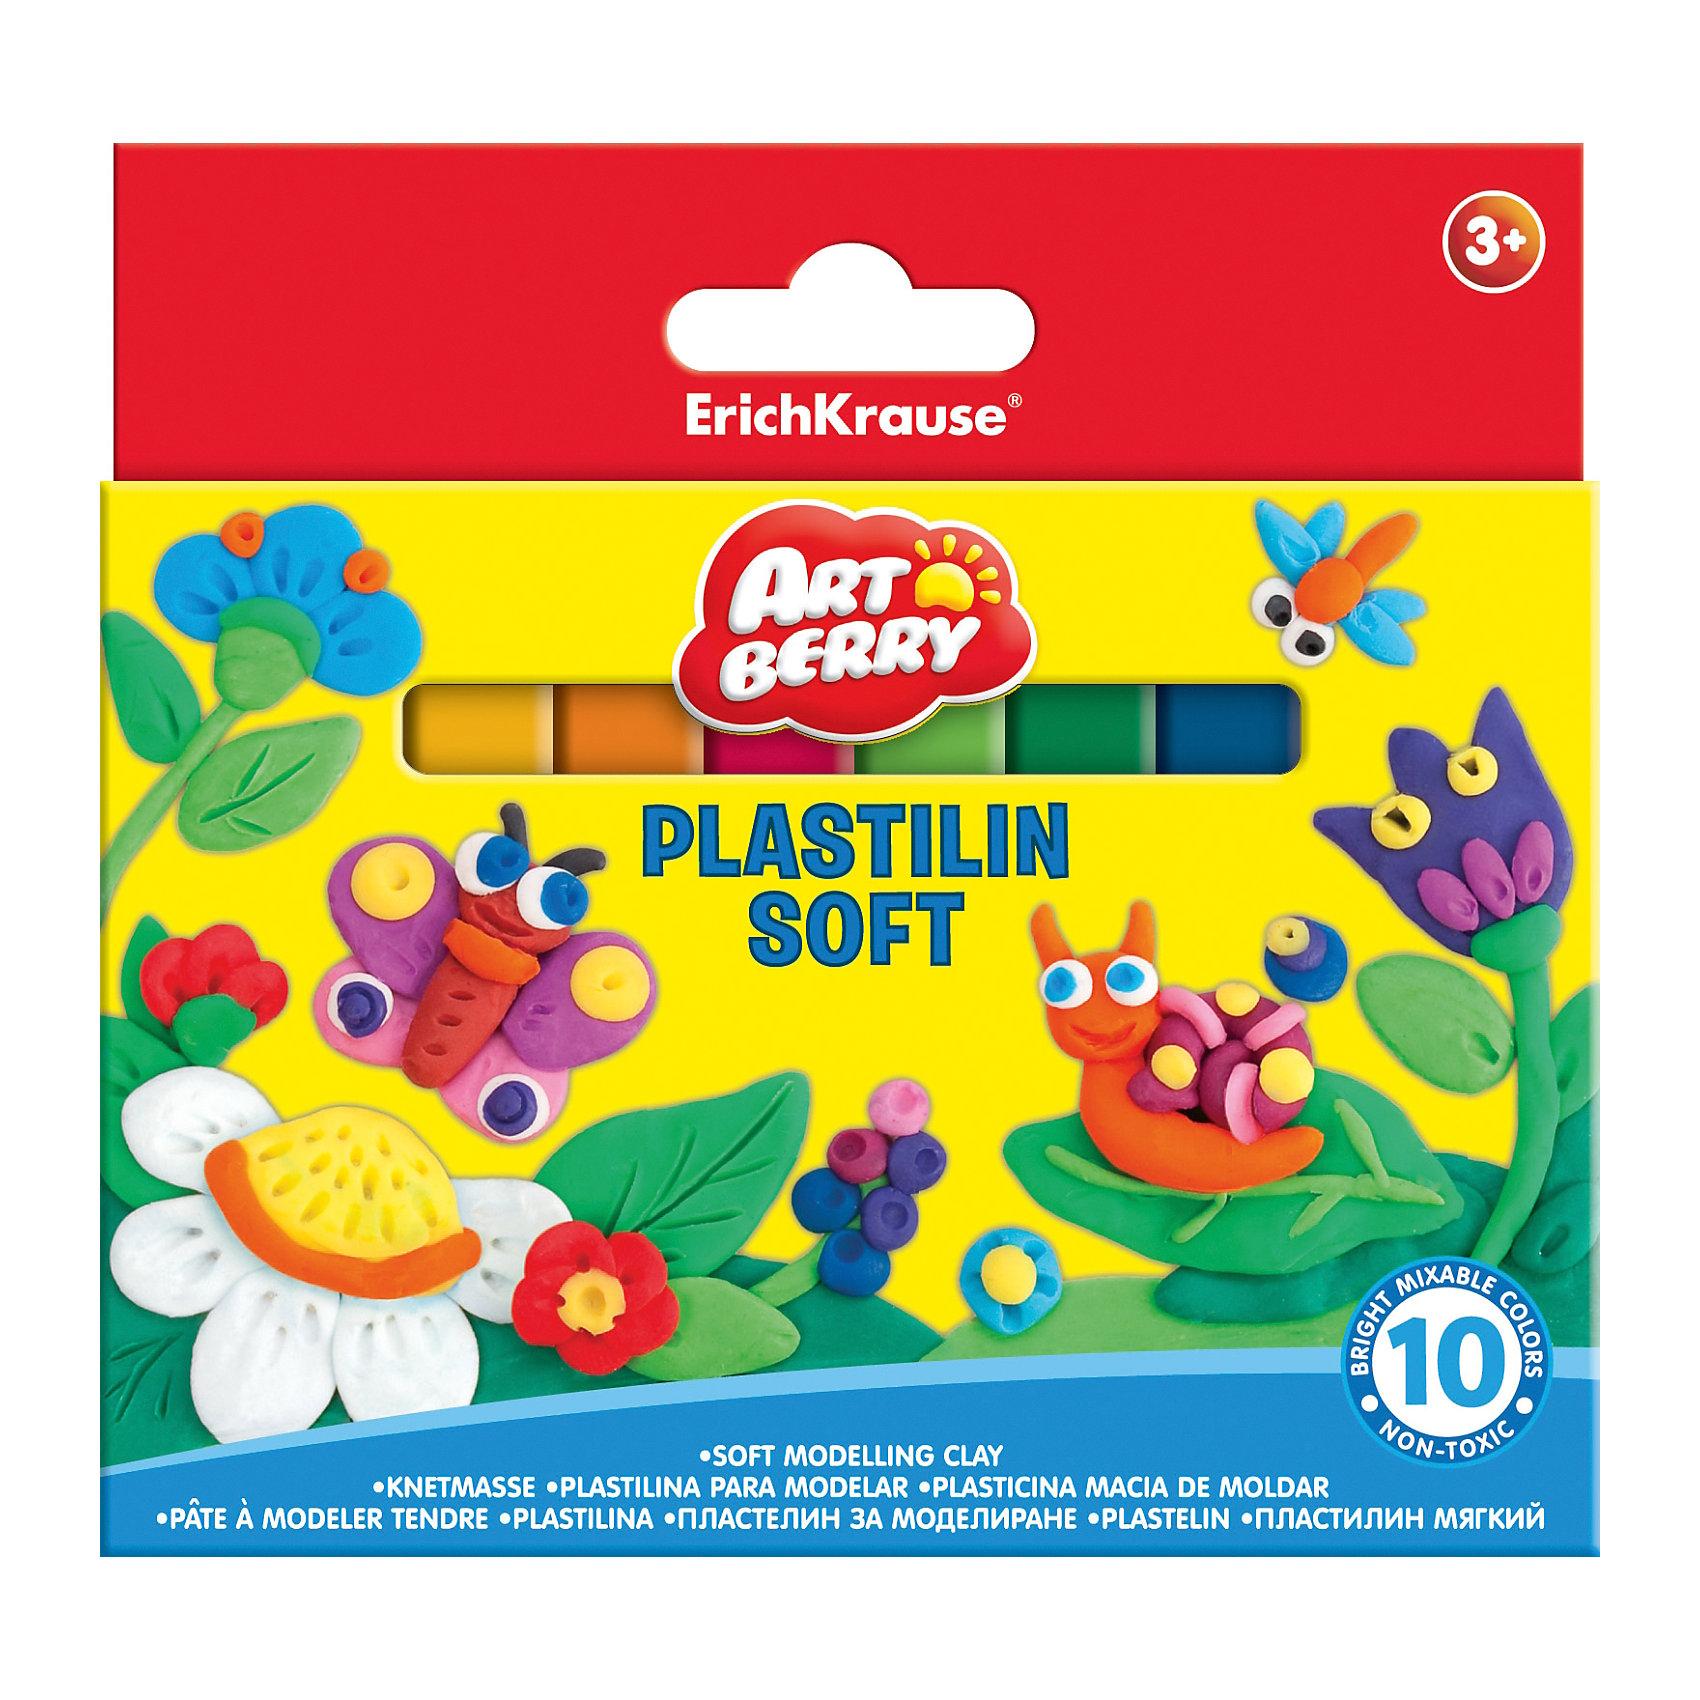 Мягкий пластилин 10 цв., 150гЛепка<br>Лепка - занятие не только веселое и увлекательное, но и полезное! Оно помогает детям развивать усидчивость, воображение, образное восприятие мира, а также мелкую моторику рук. Этот мягкий пластилин разработан специально для детей, осваивающих лепку. В наборе - 10 цветов, здесь собраны основные оттенки, необходимые маленьким творцам. Мягкий пластилин не прилипает к рукам и одежде. <br>Мягкий пластилин сделан из безопасных для детей материалов. Картонная упаковка  поможет хранить его и не терять. Яркие цвета позволят создавать эффектные фигурки. Преимущество именно этого пластилина - низкая температура плавления, поэтому из него будет легко лепить даже самым маленьким.<br><br>Дополнительная информация:<br><br>комплектация: 10 шт;<br>удобная упаковка;<br>размер: 2 ? 13 ? 15;<br>яркие цвета;<br>не липнет к рукам;<br>вес одного цвета - 150 г.<br><br>Мягкий пластилин 10 цв., 150г можно купить в нашем магазине.<br><br>Ширина мм: 133<br>Глубина мм: 15<br>Высота мм: 125<br>Вес г: 170<br>Возраст от месяцев: 36<br>Возраст до месяцев: 204<br>Пол: Унисекс<br>Возраст: Детский<br>SKU: 4682086